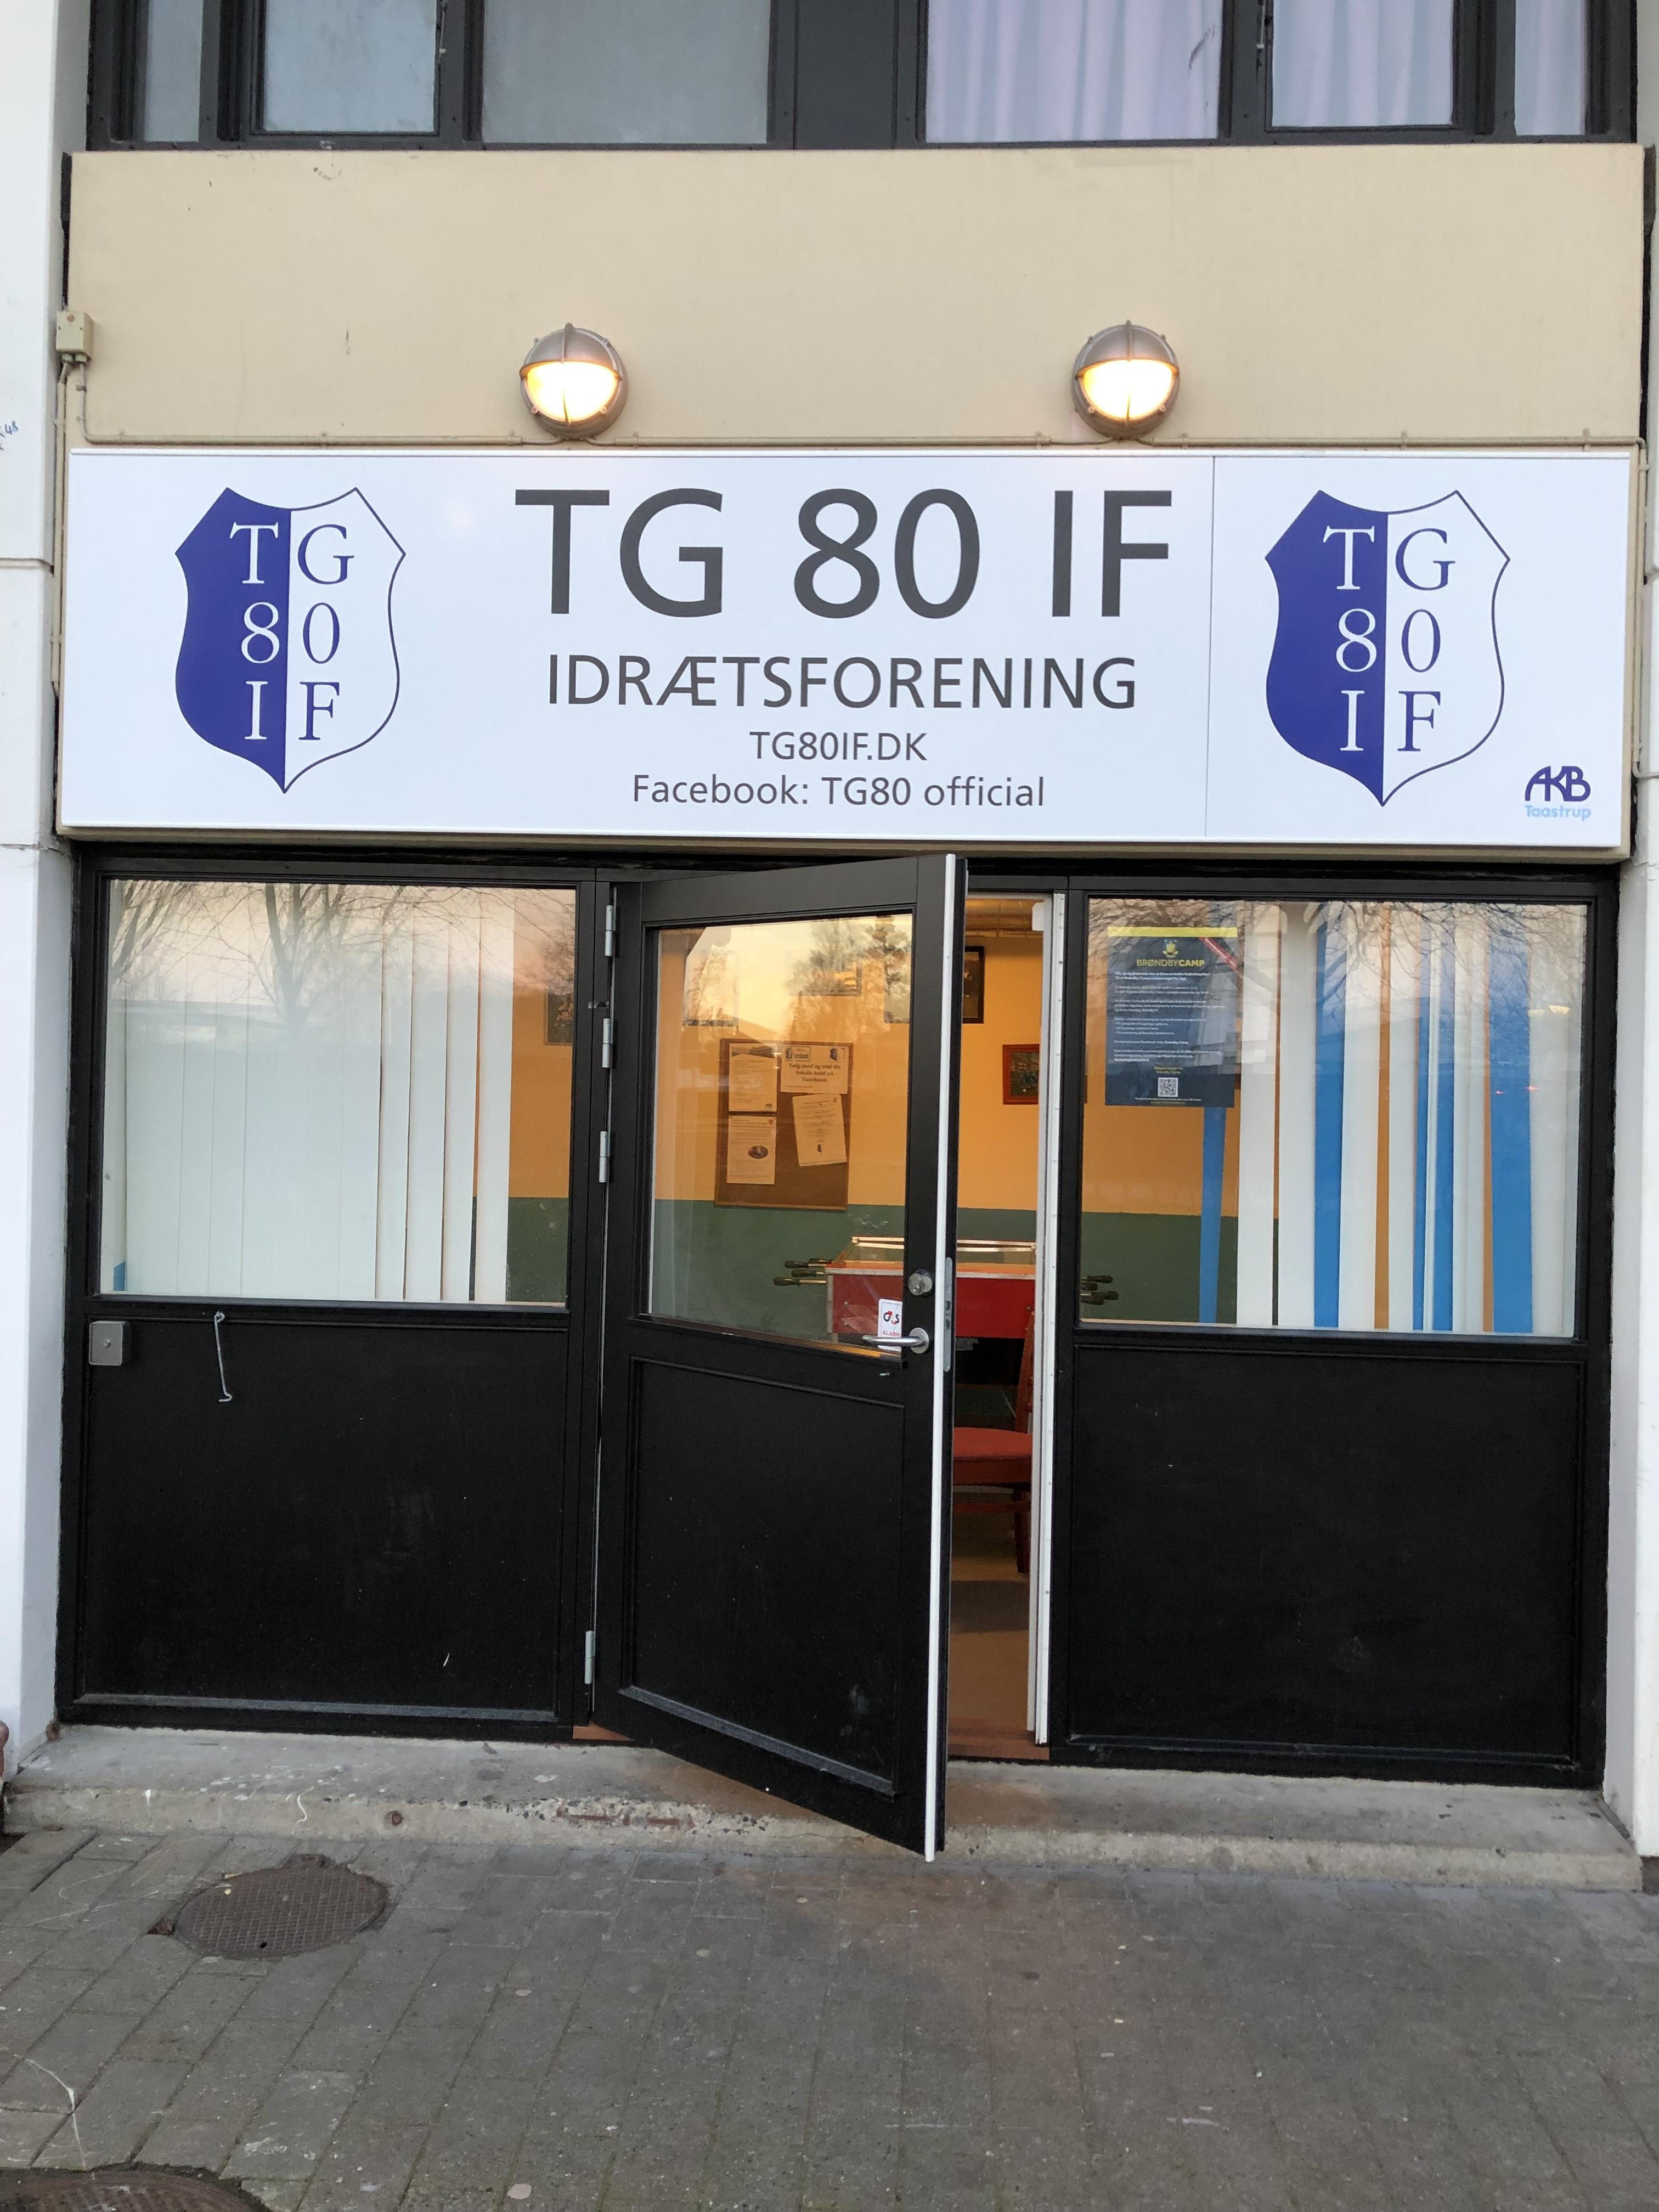 Tg80if